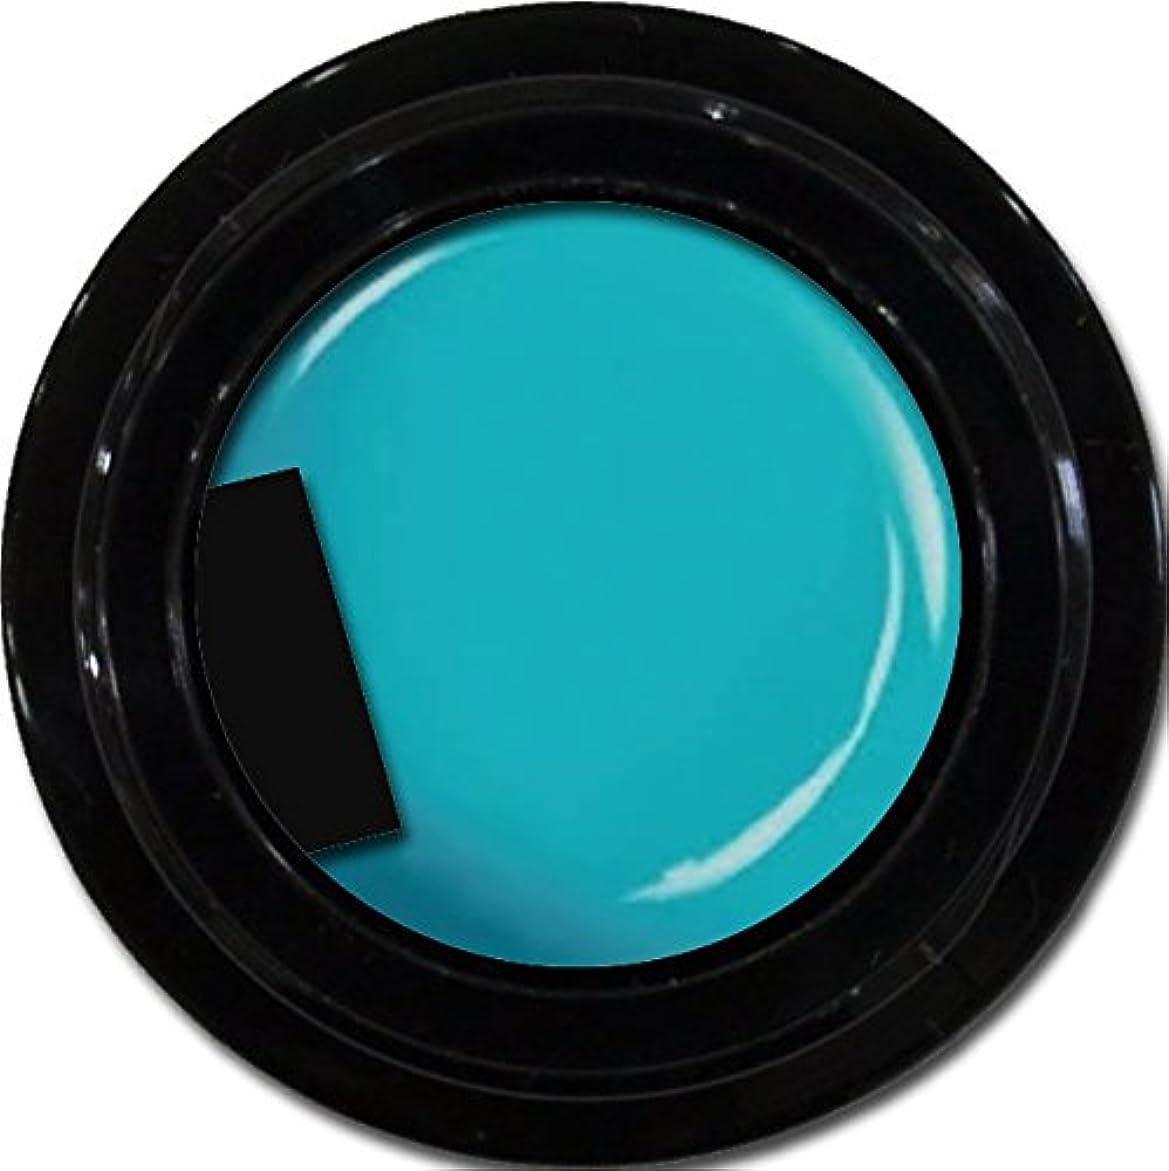 下線認める揺れるカラージェル enchant color gel M707 CanalBlue3g/ マットカラージェル M707カナールブルー 3グラム